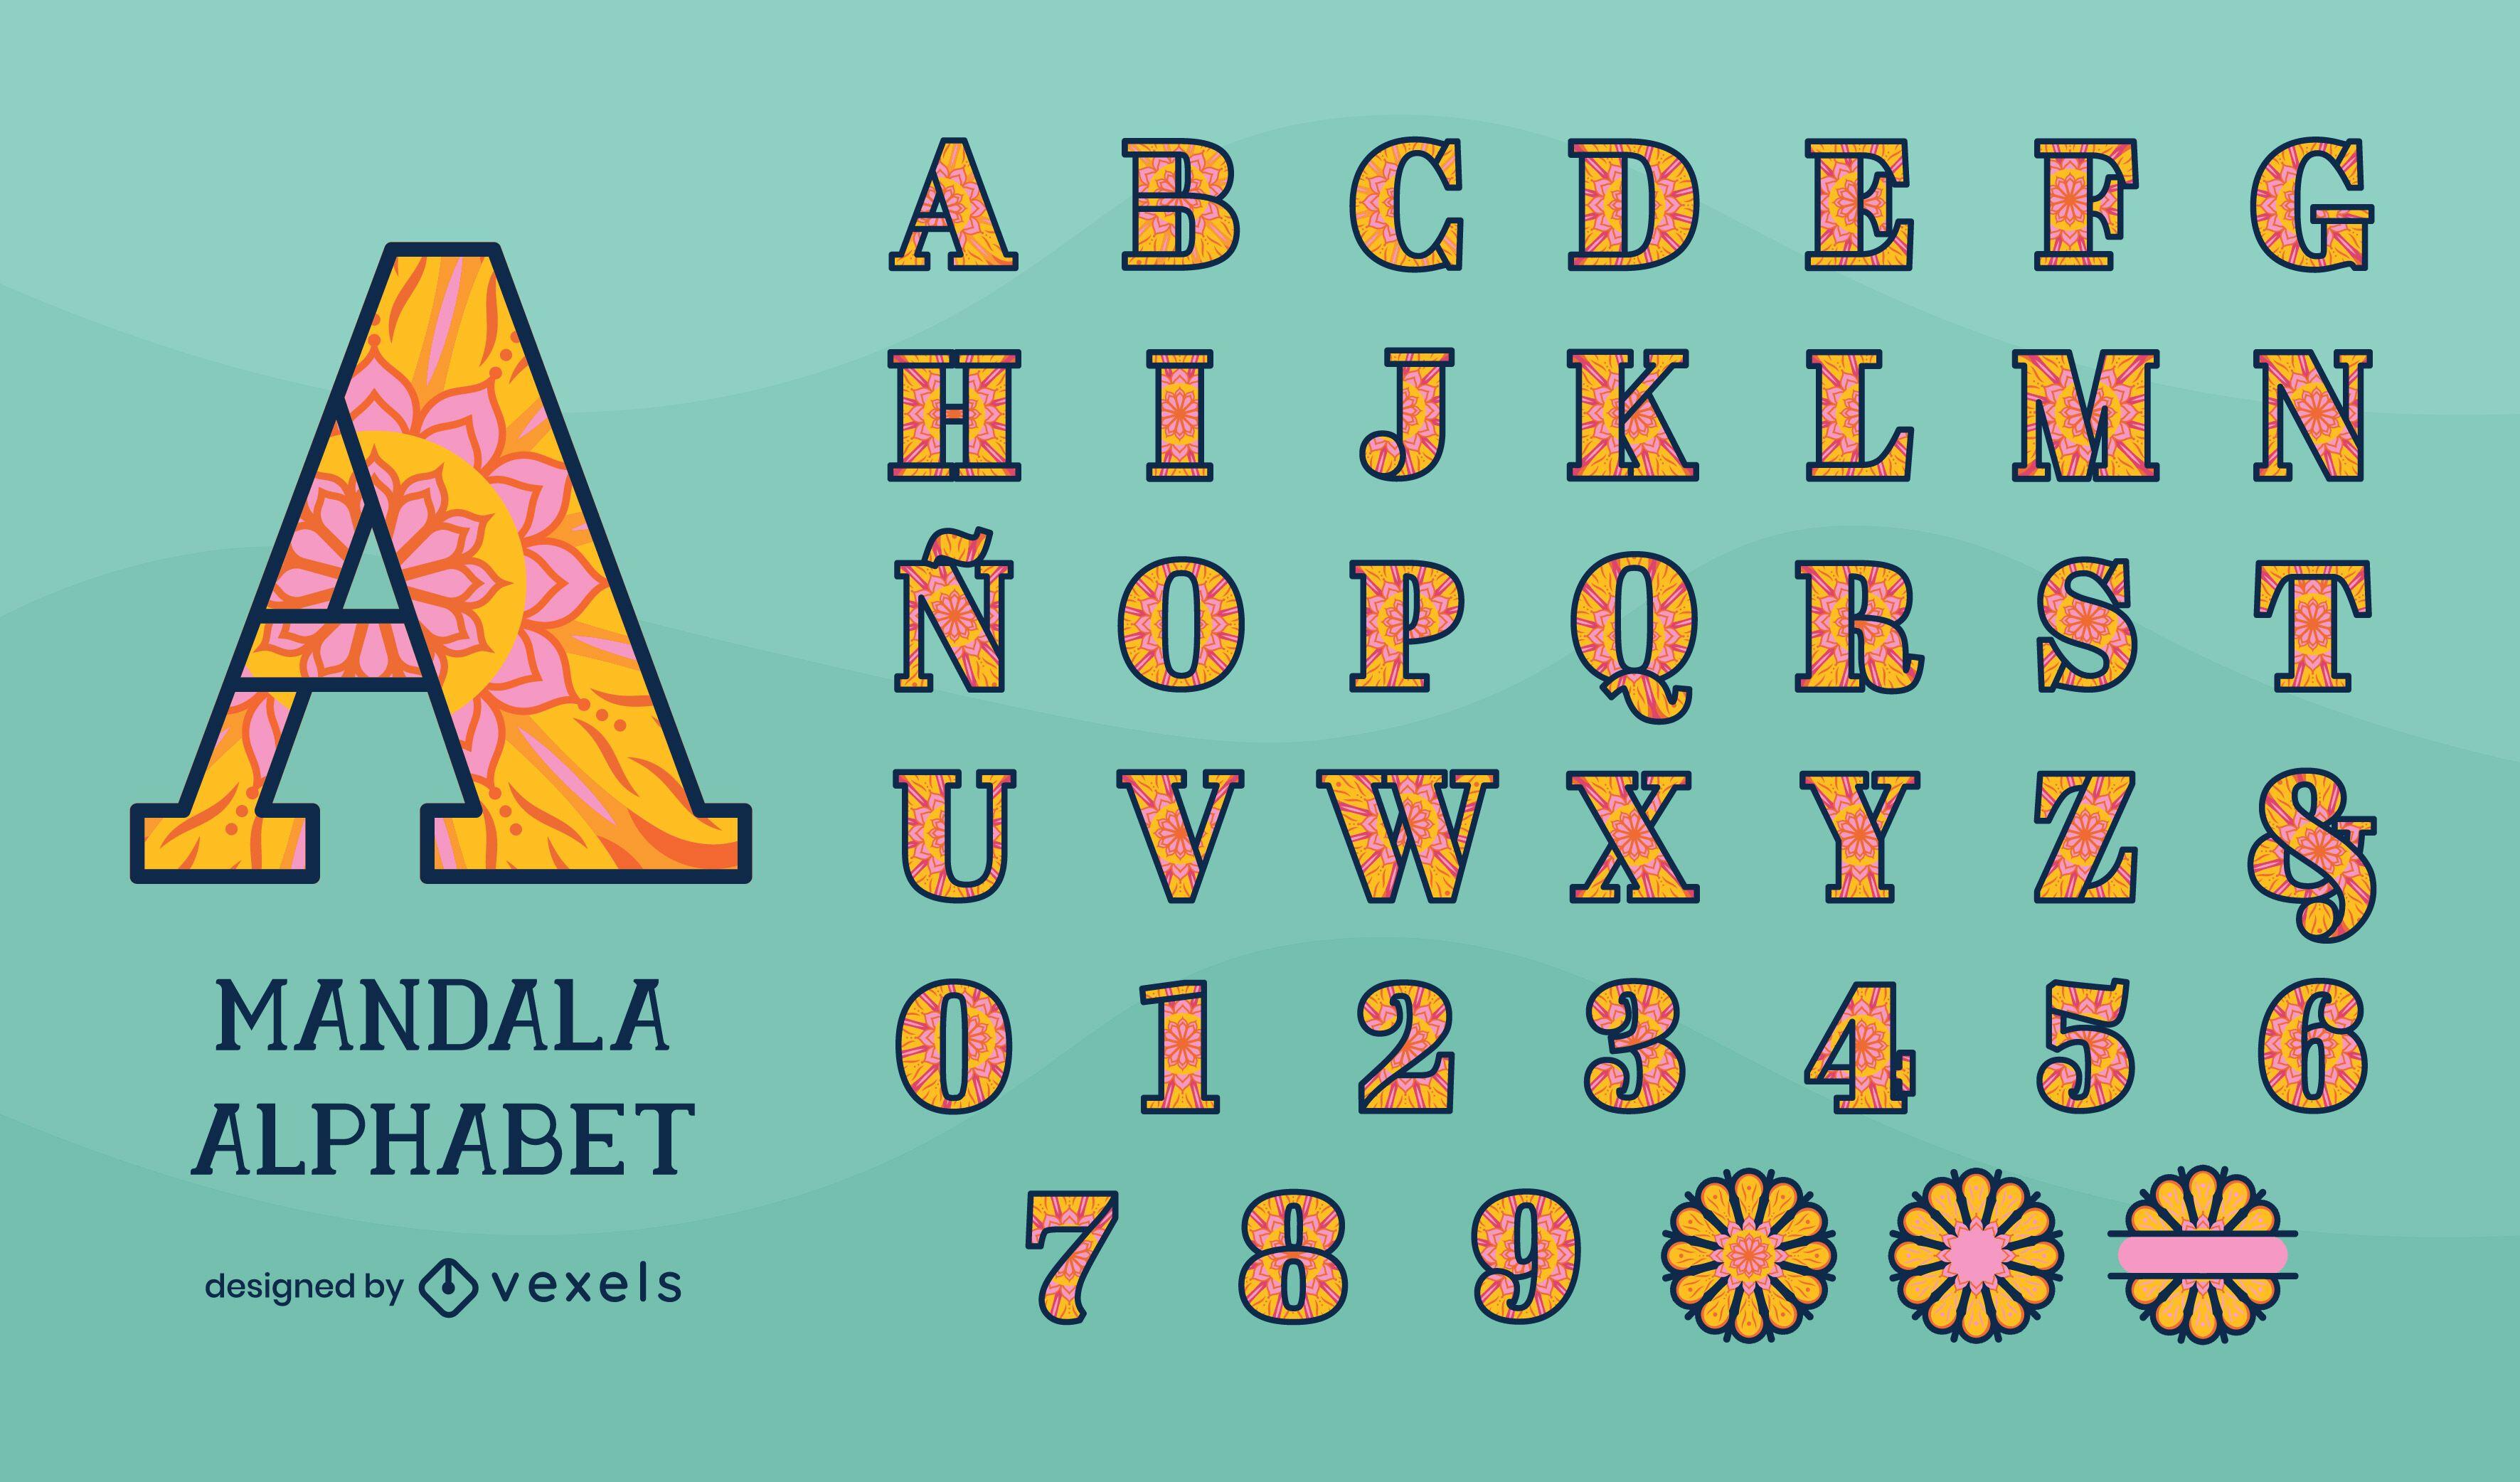 Desenho de alfabeto em estilo mandala floral